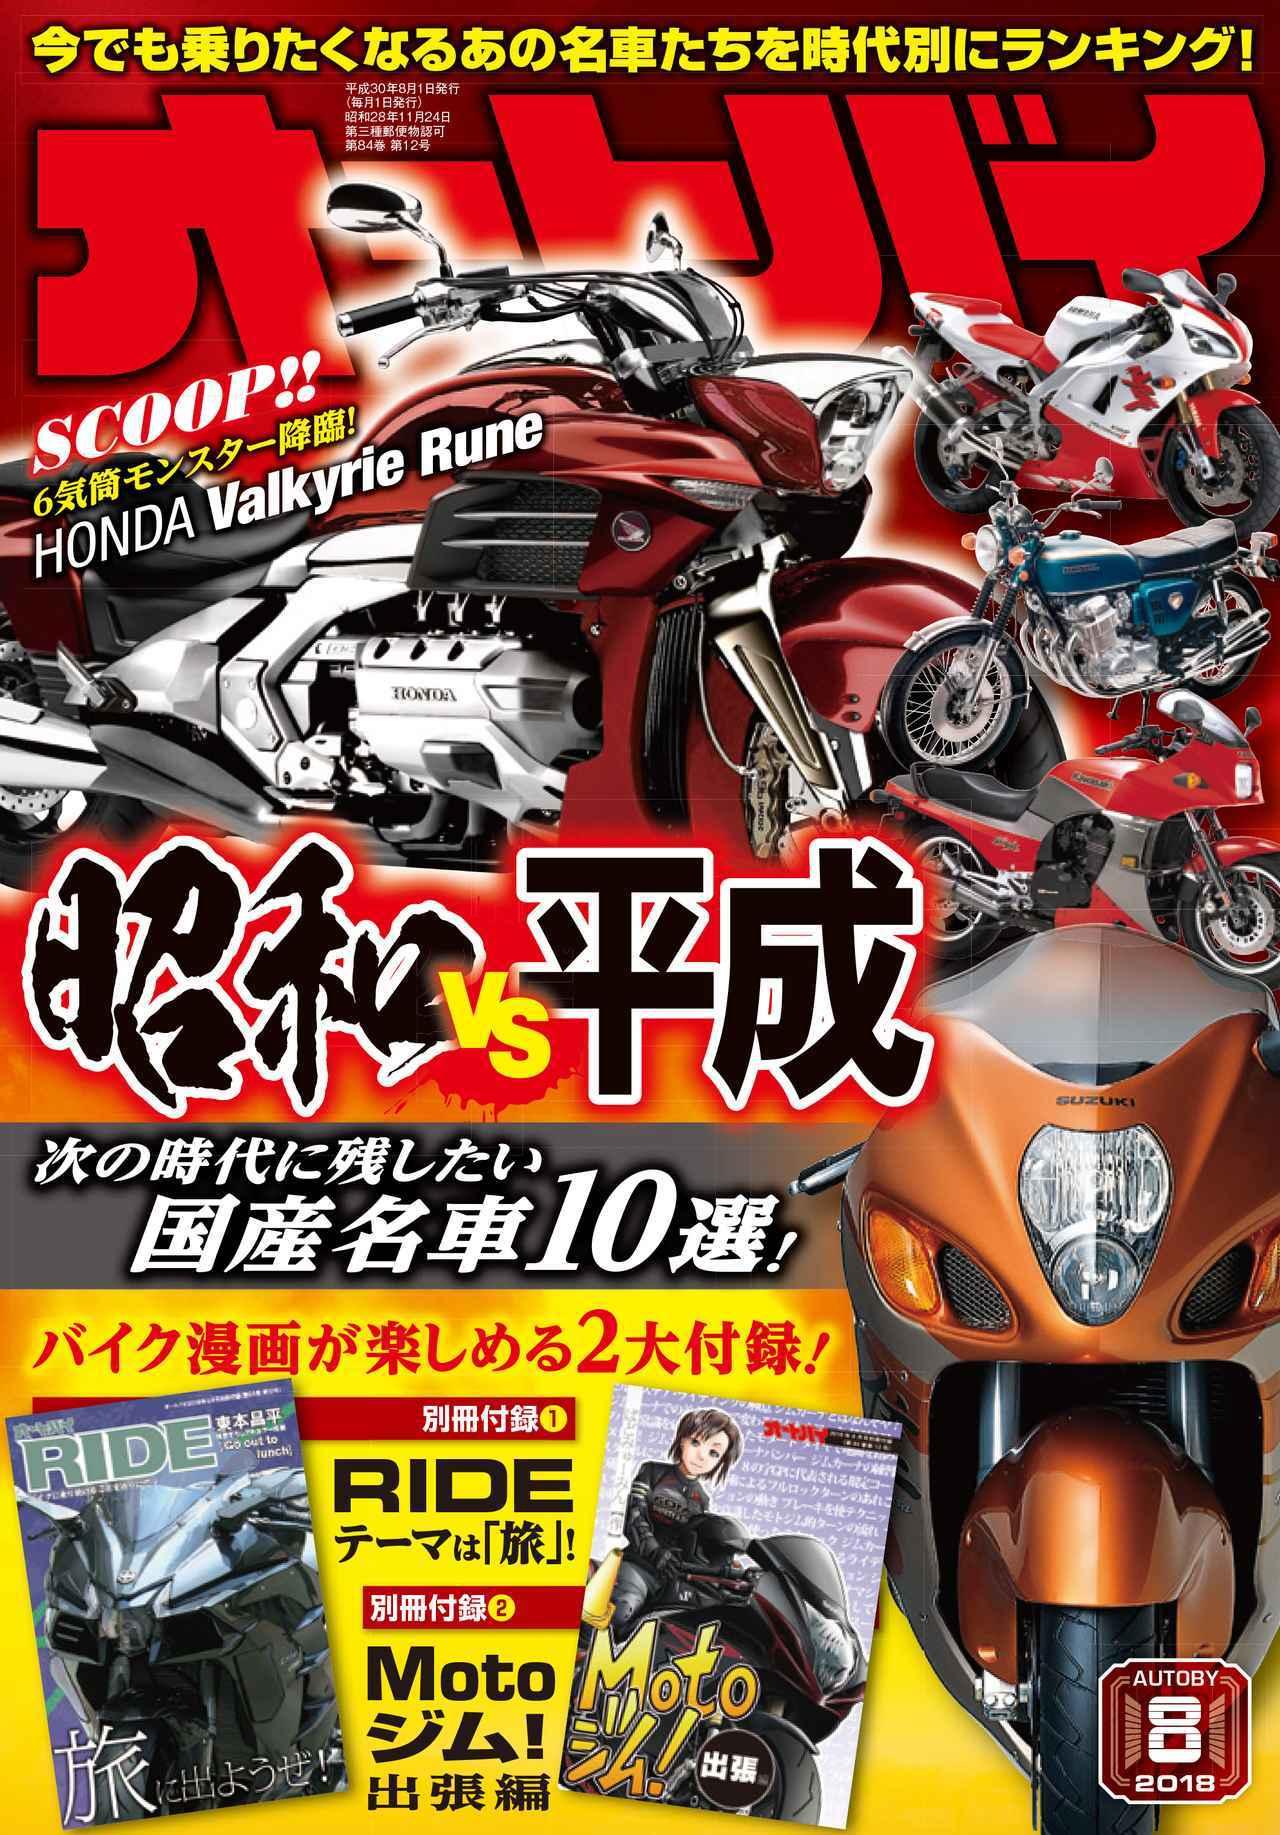 画像1: 今月号の特集は、昭和と平成に生まれた名車対決! 3冊セットのスペシャル号です!!